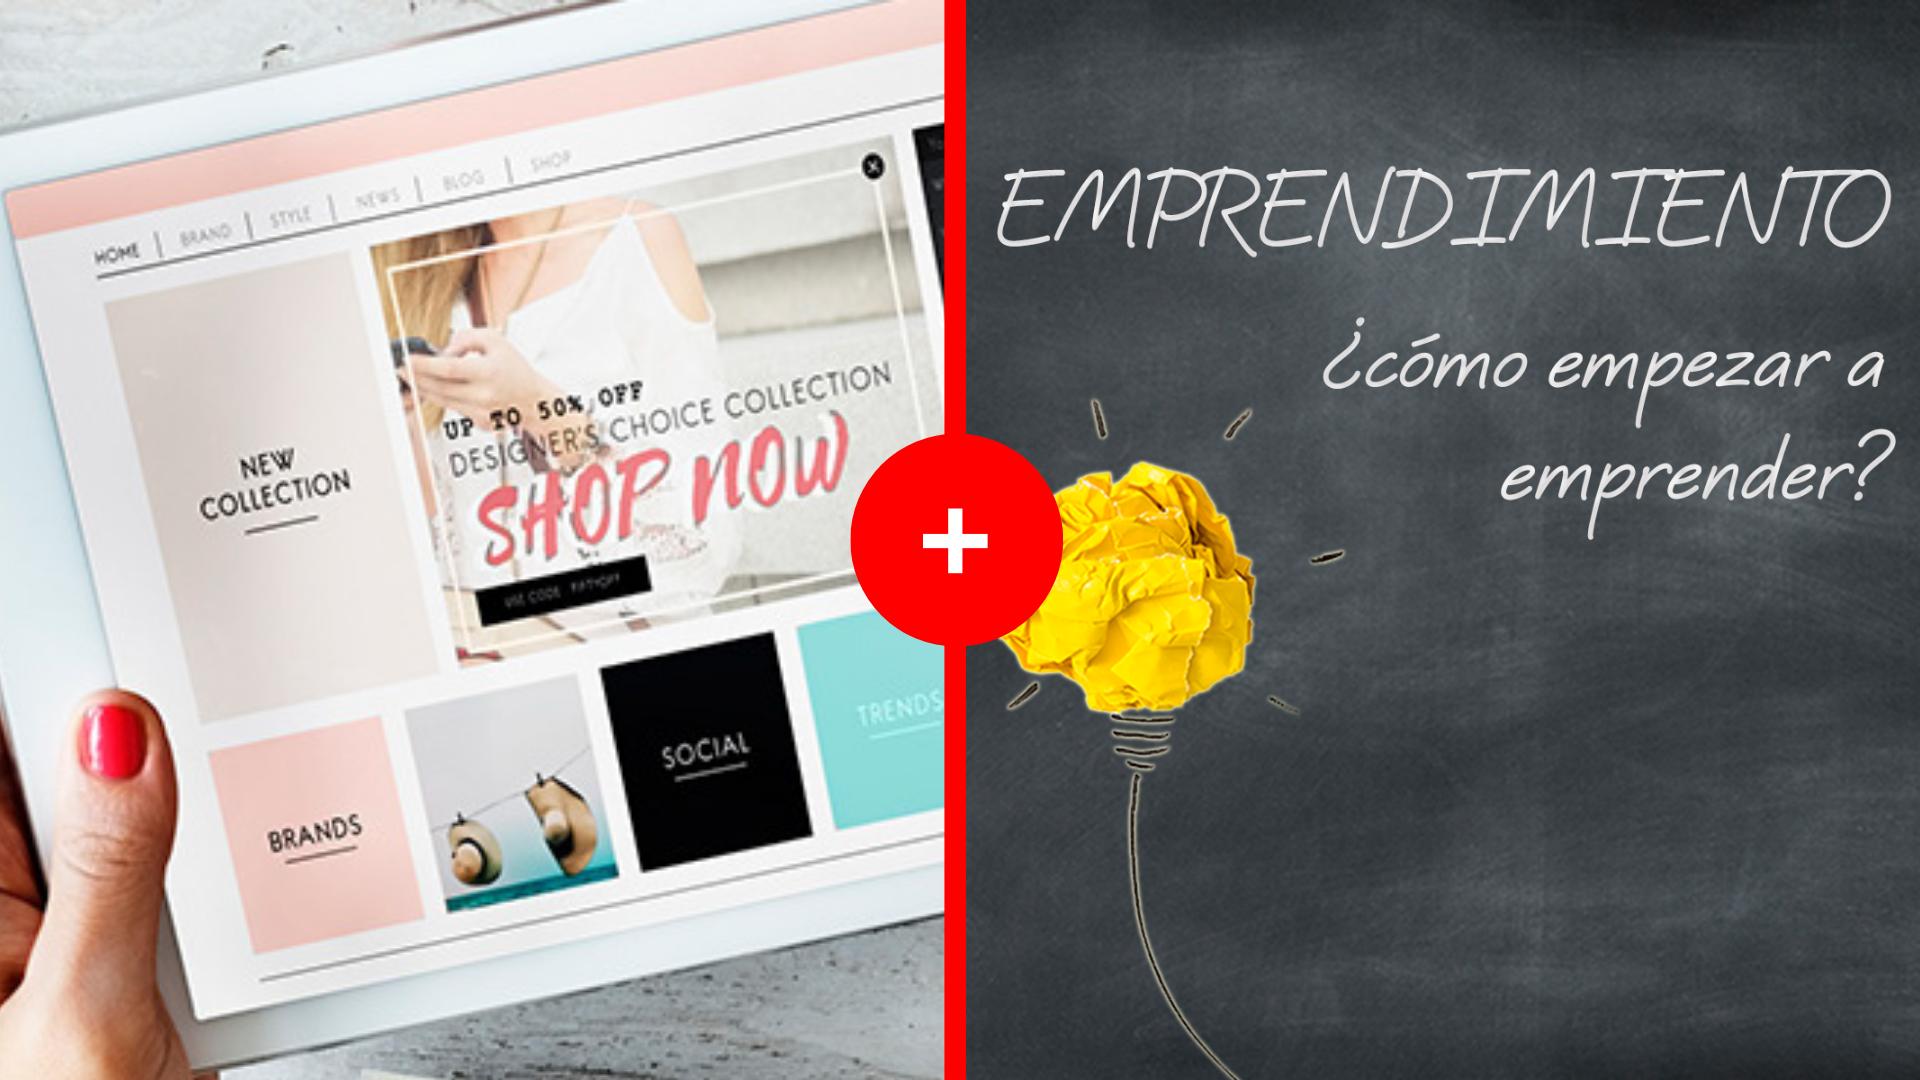 Curso de Emprendimiento + eCommerce